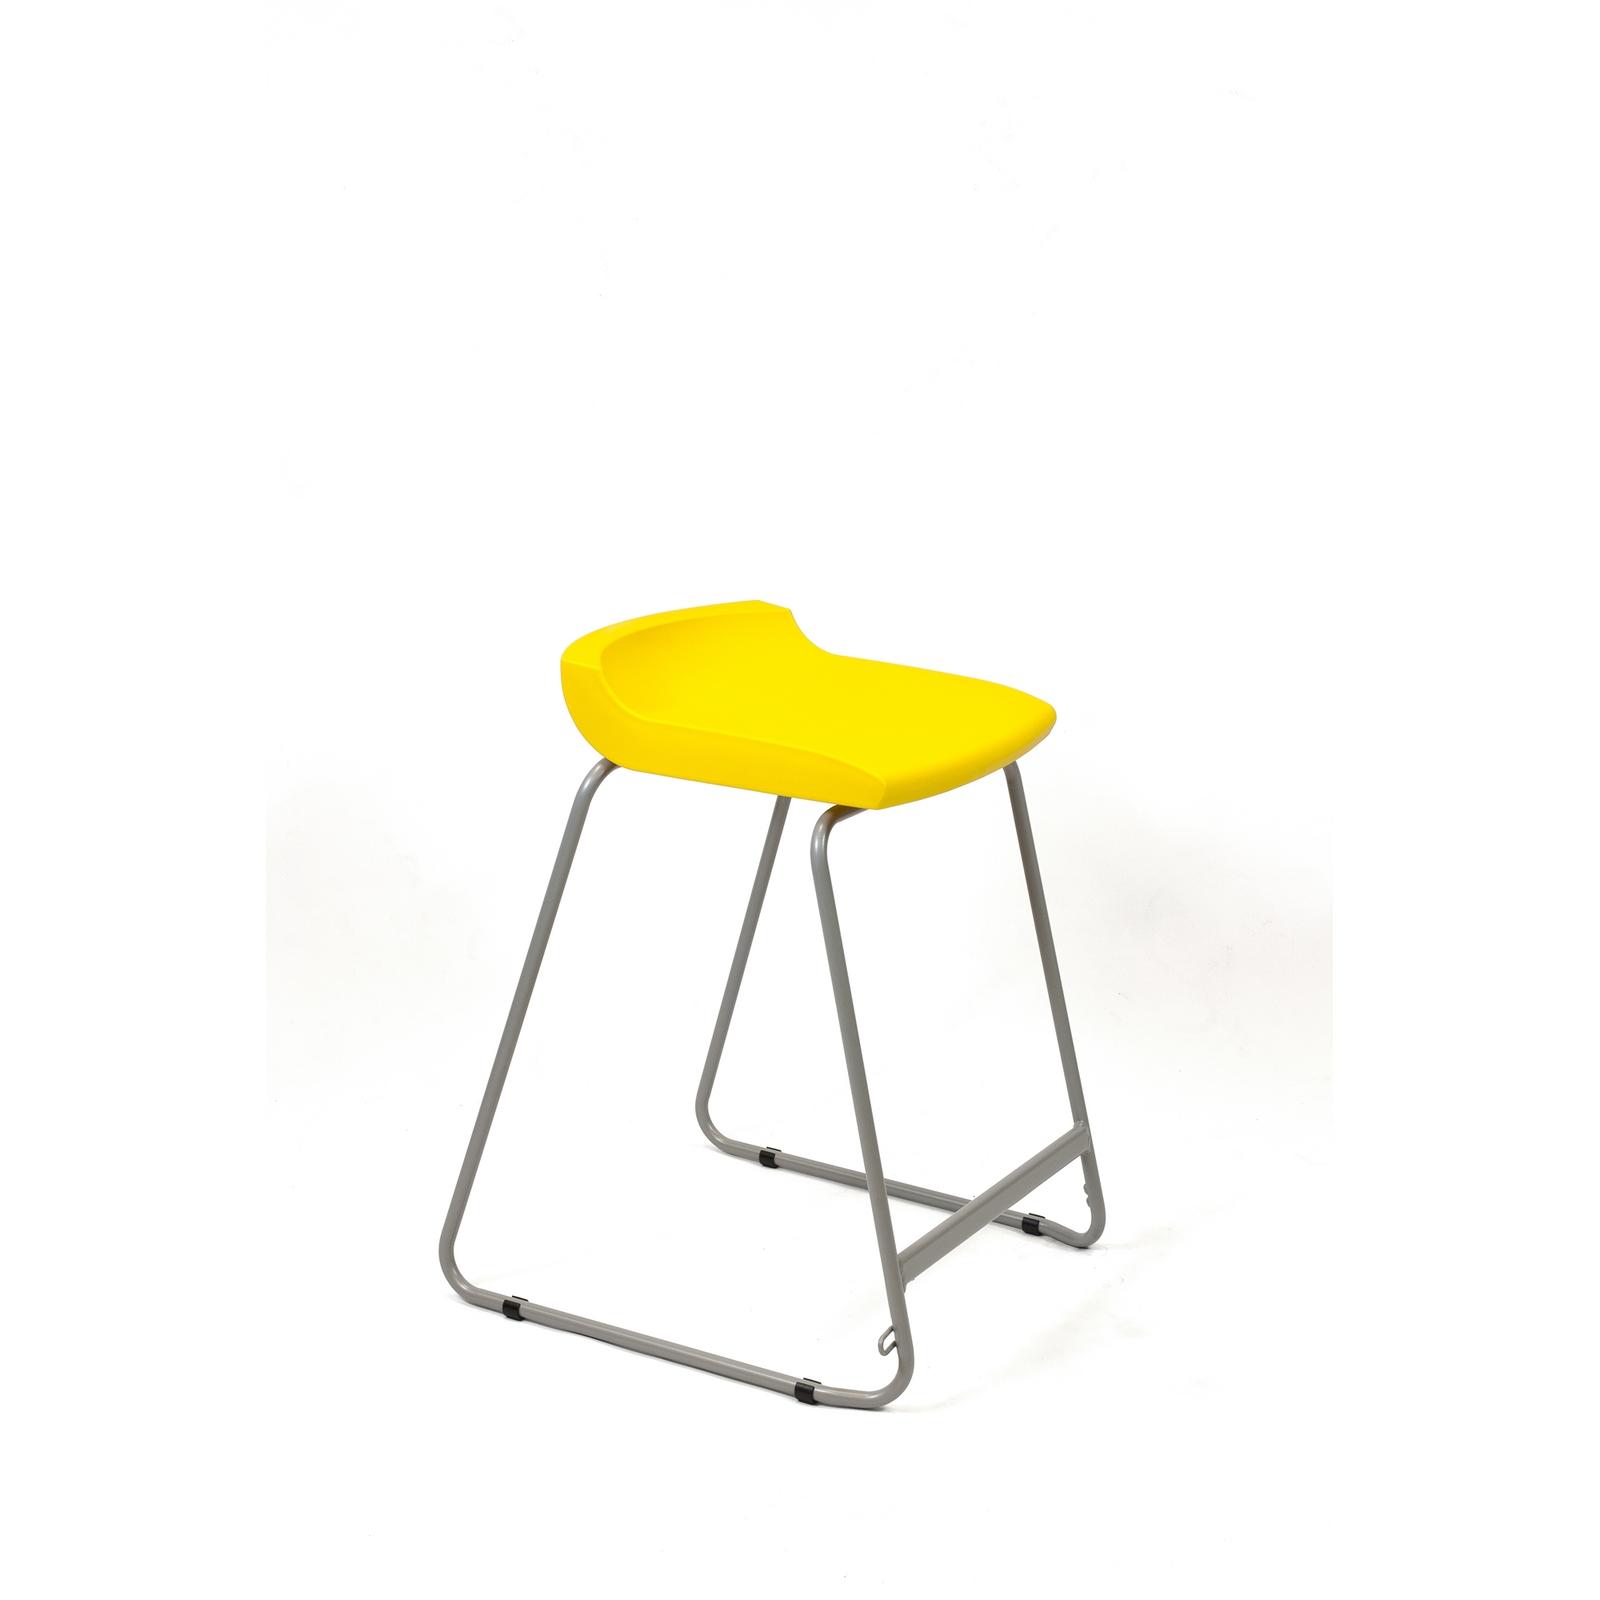 Postura Stool 610mm Yellow